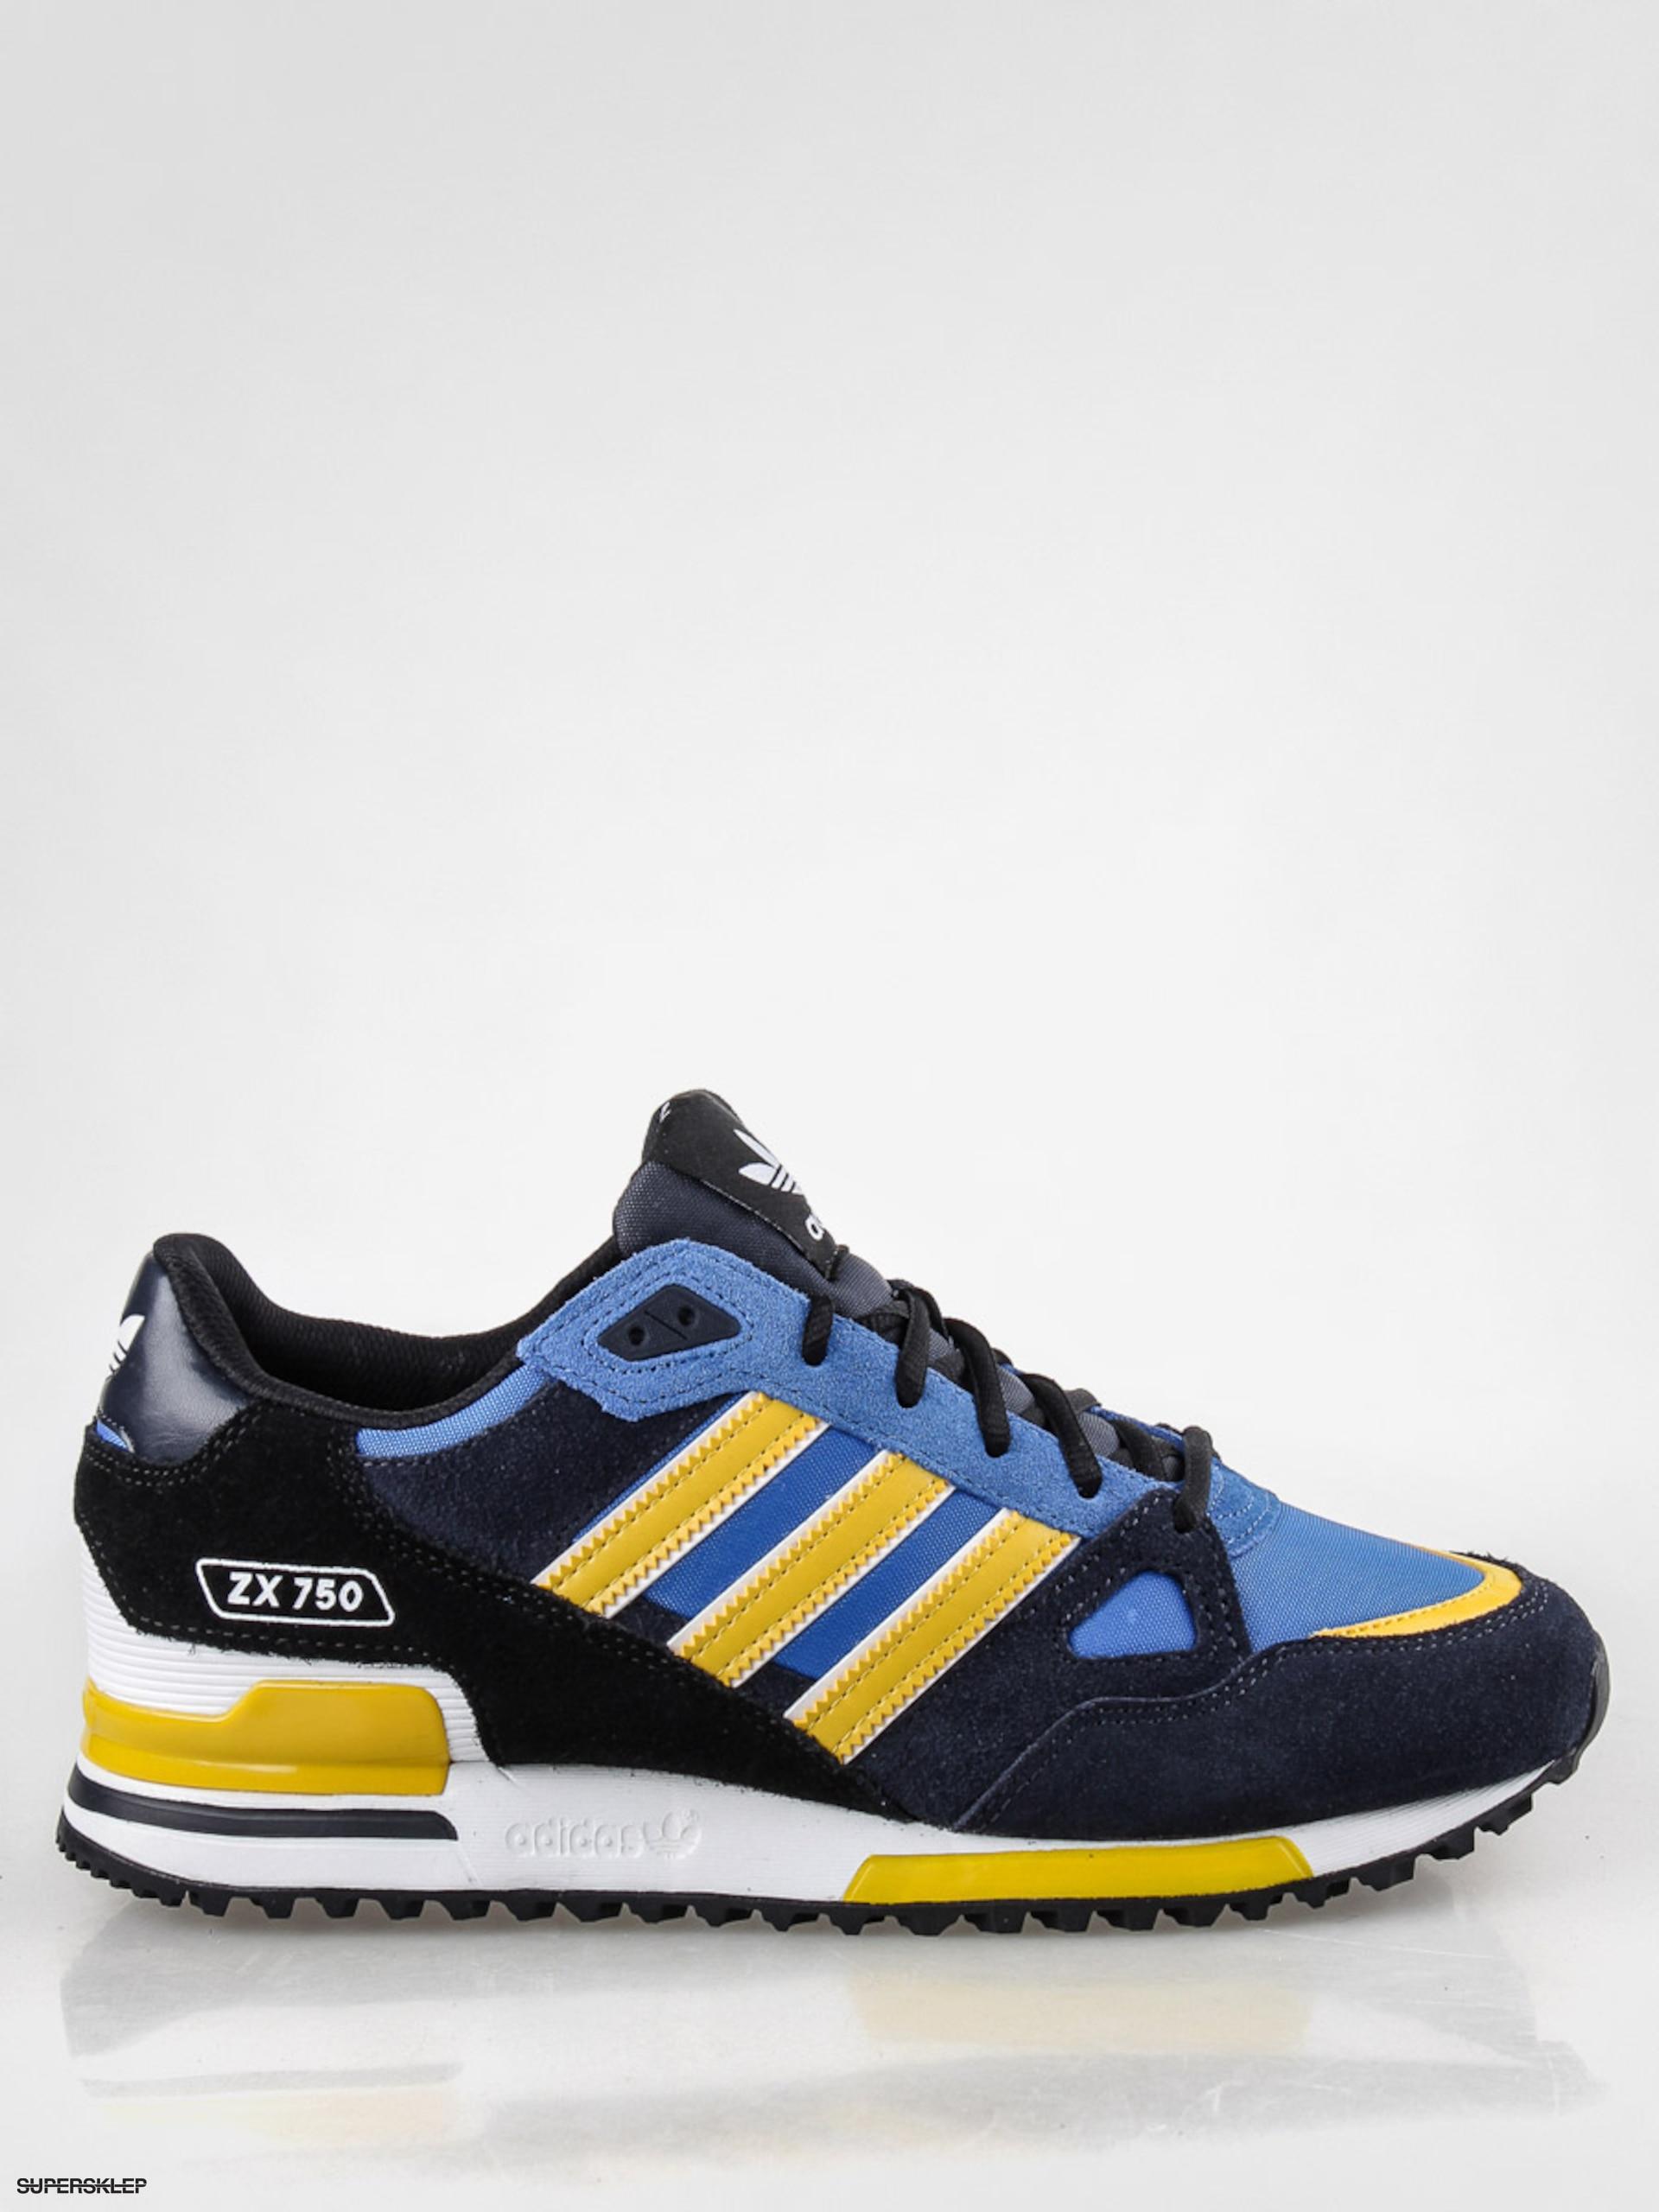 best sneakers f0a5f cb7c1 ... switzerland buty adidas zx 750 blubir legink black1 9fe39 79a55